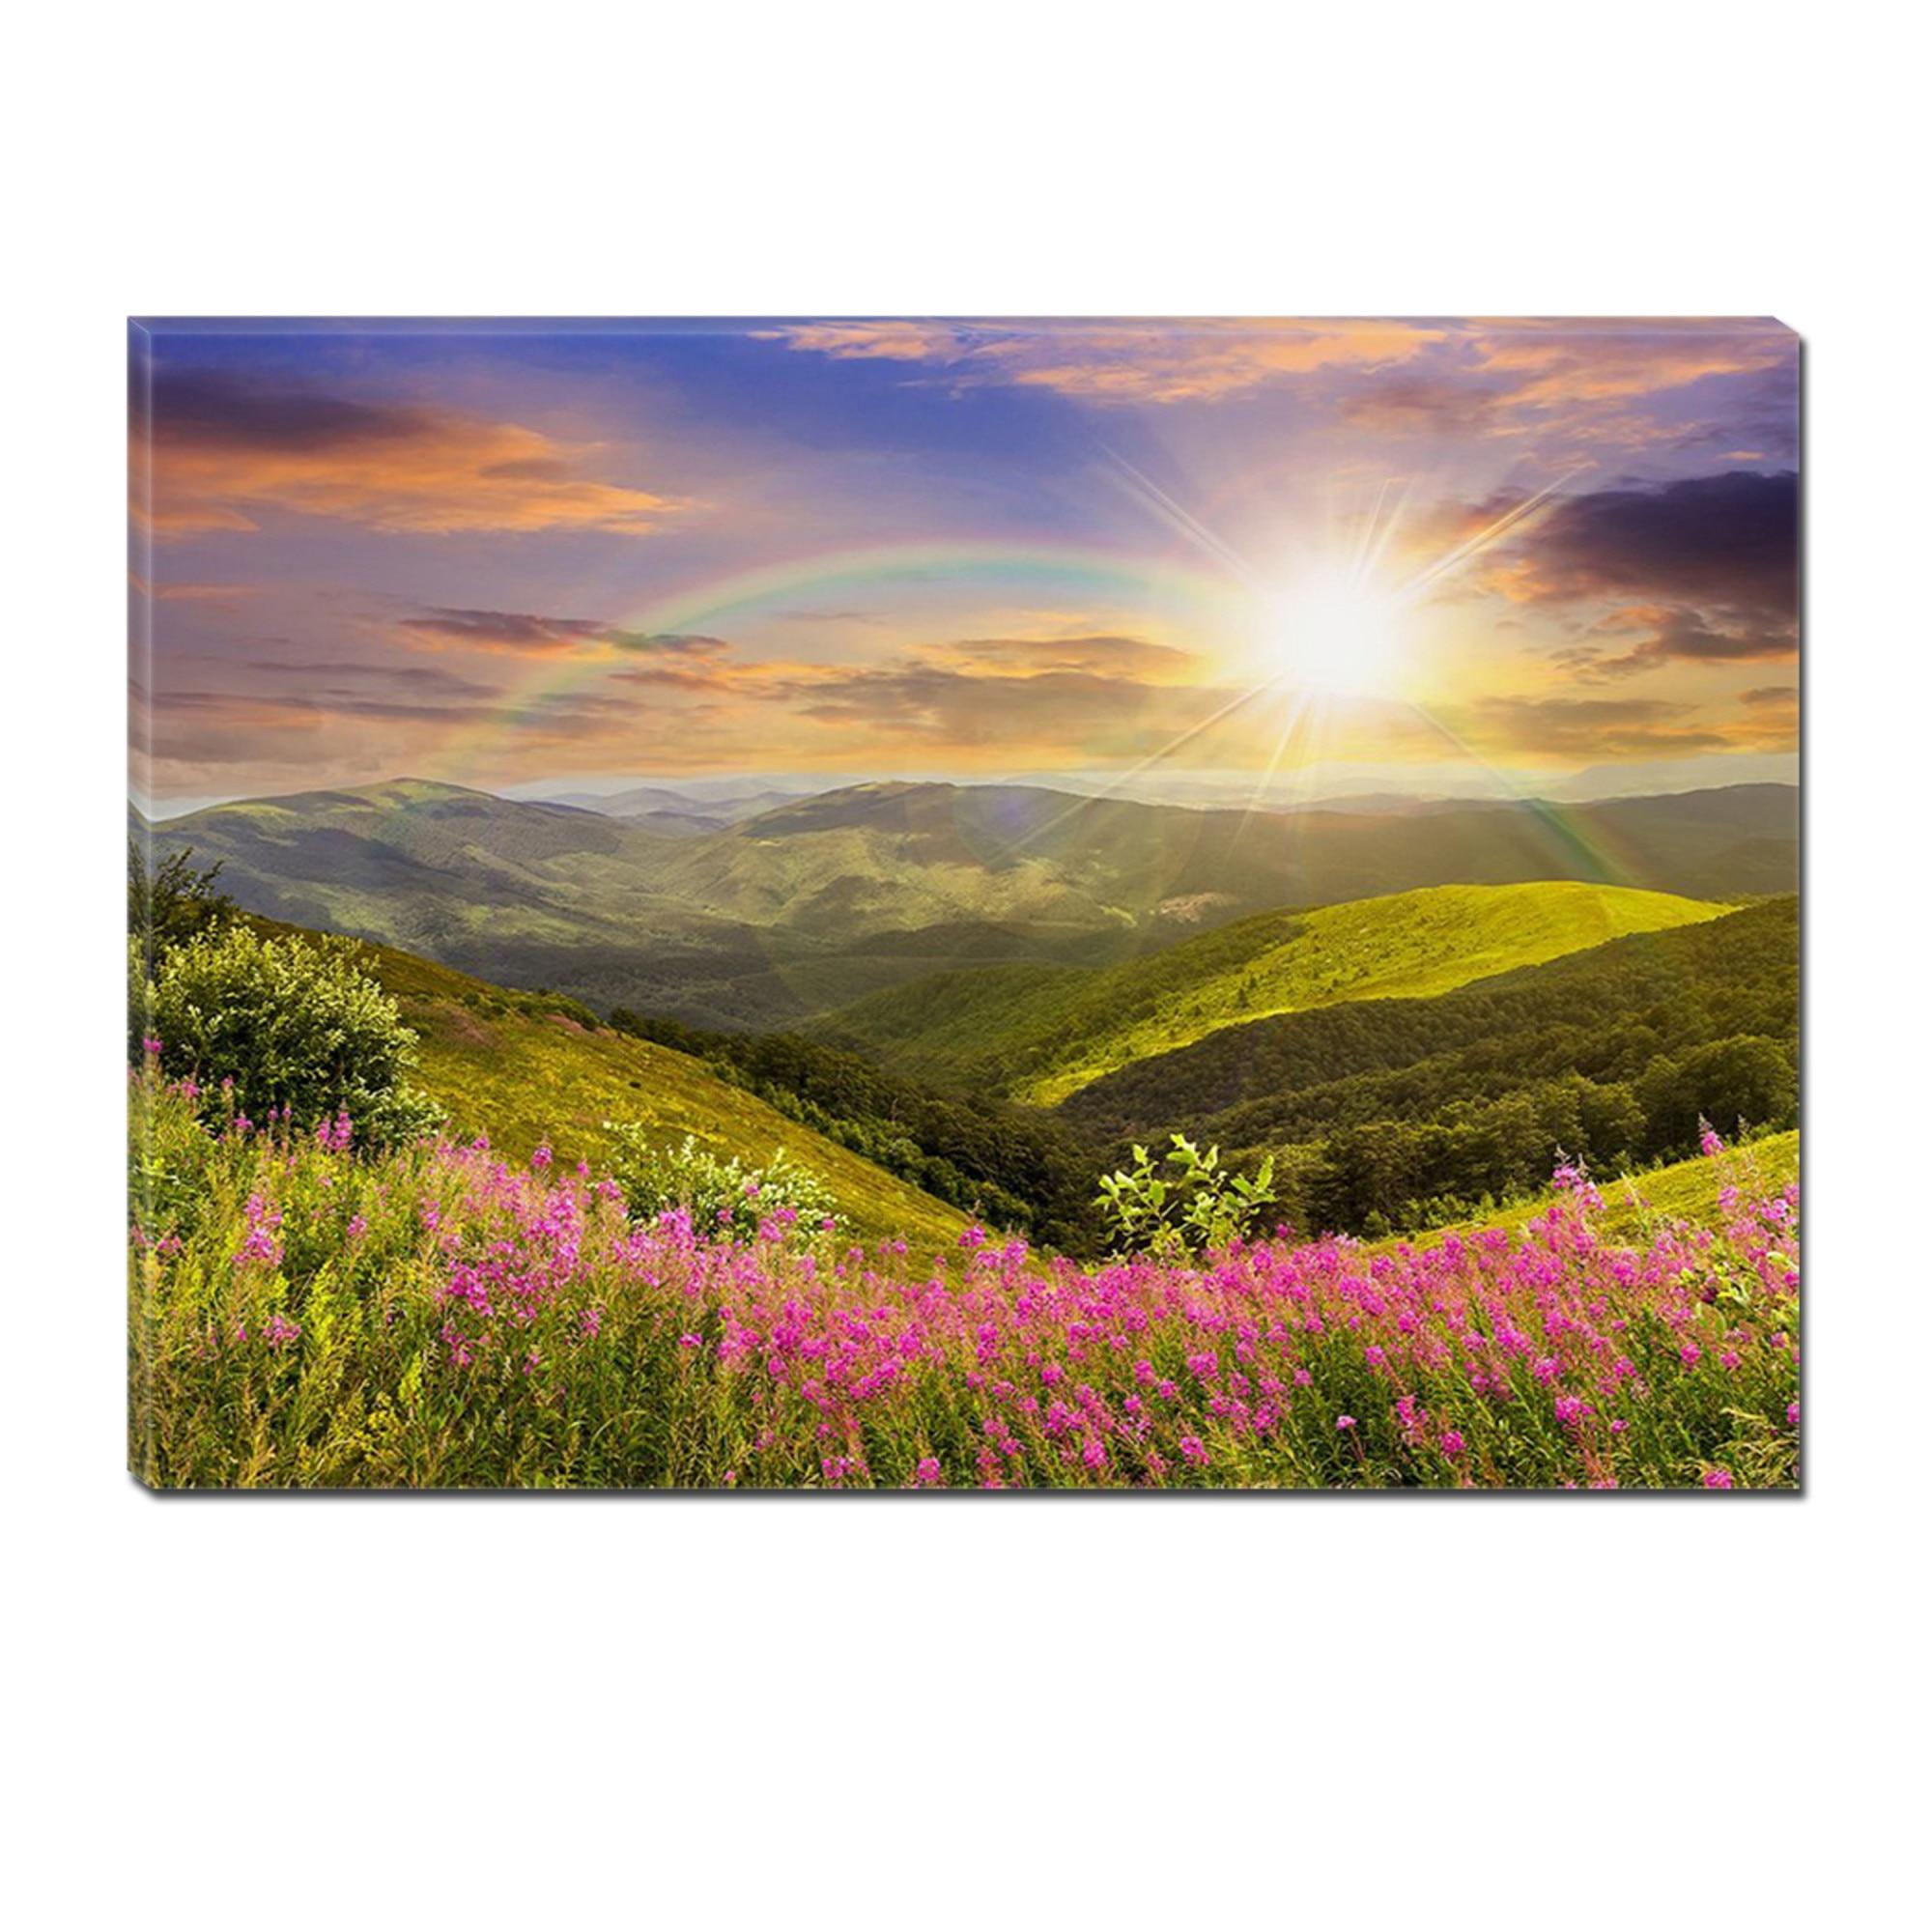 Fotografie Tablou DualView Startonight Curcubeu si Soare, Peisaje,Luminos in intuneric, 70 x 100 cm